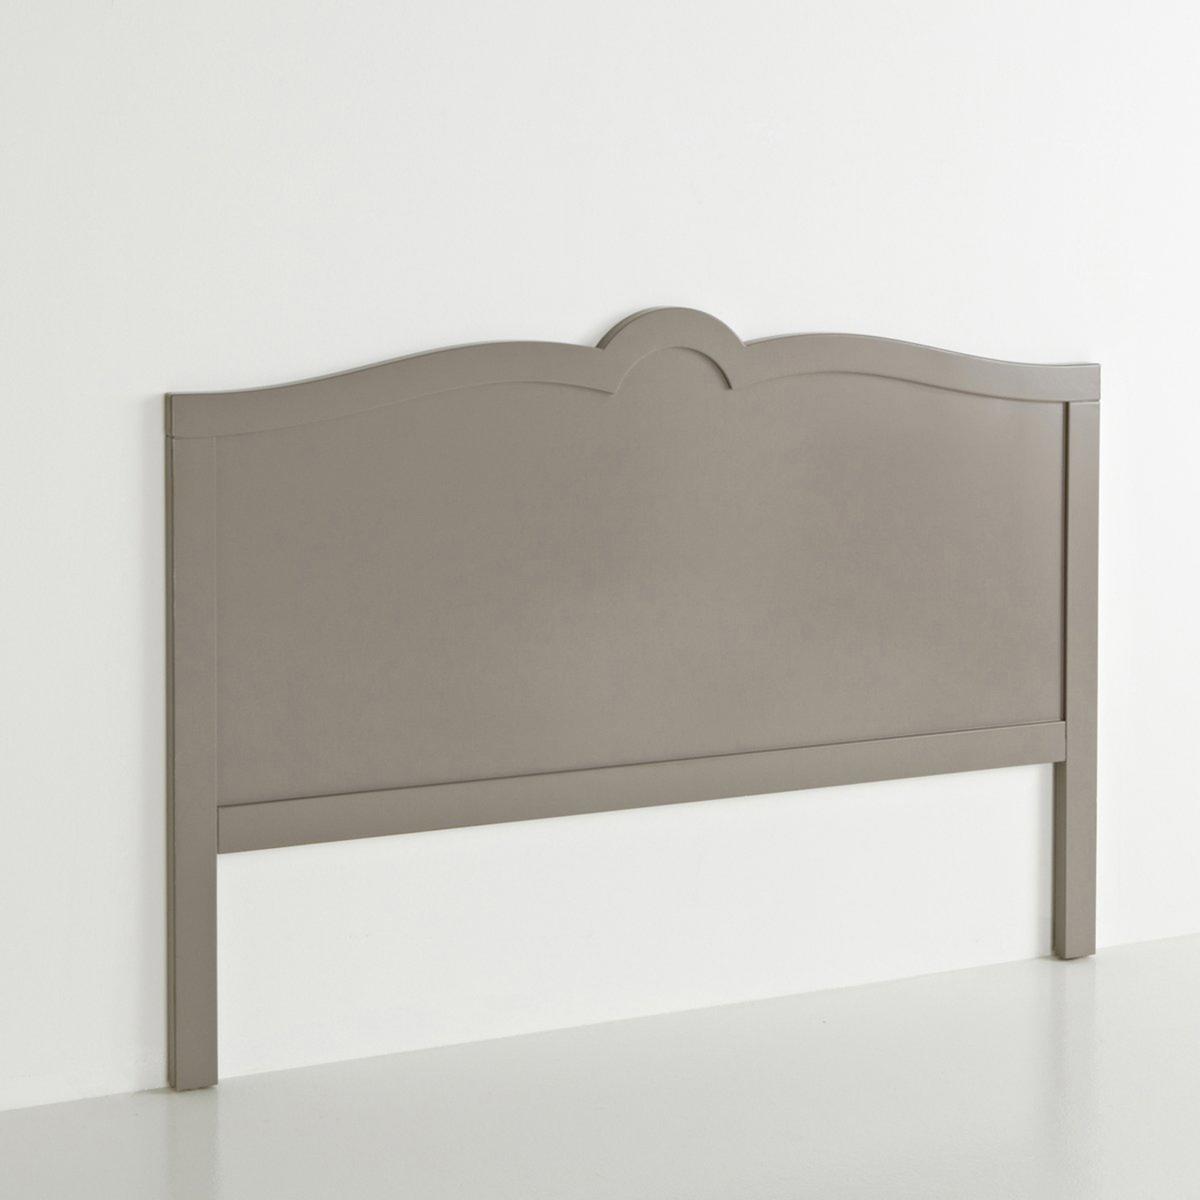 Изголовье LaRedoute Для кровати с лакированной отделкой Sydia 160 см каштановый кровати 140 см